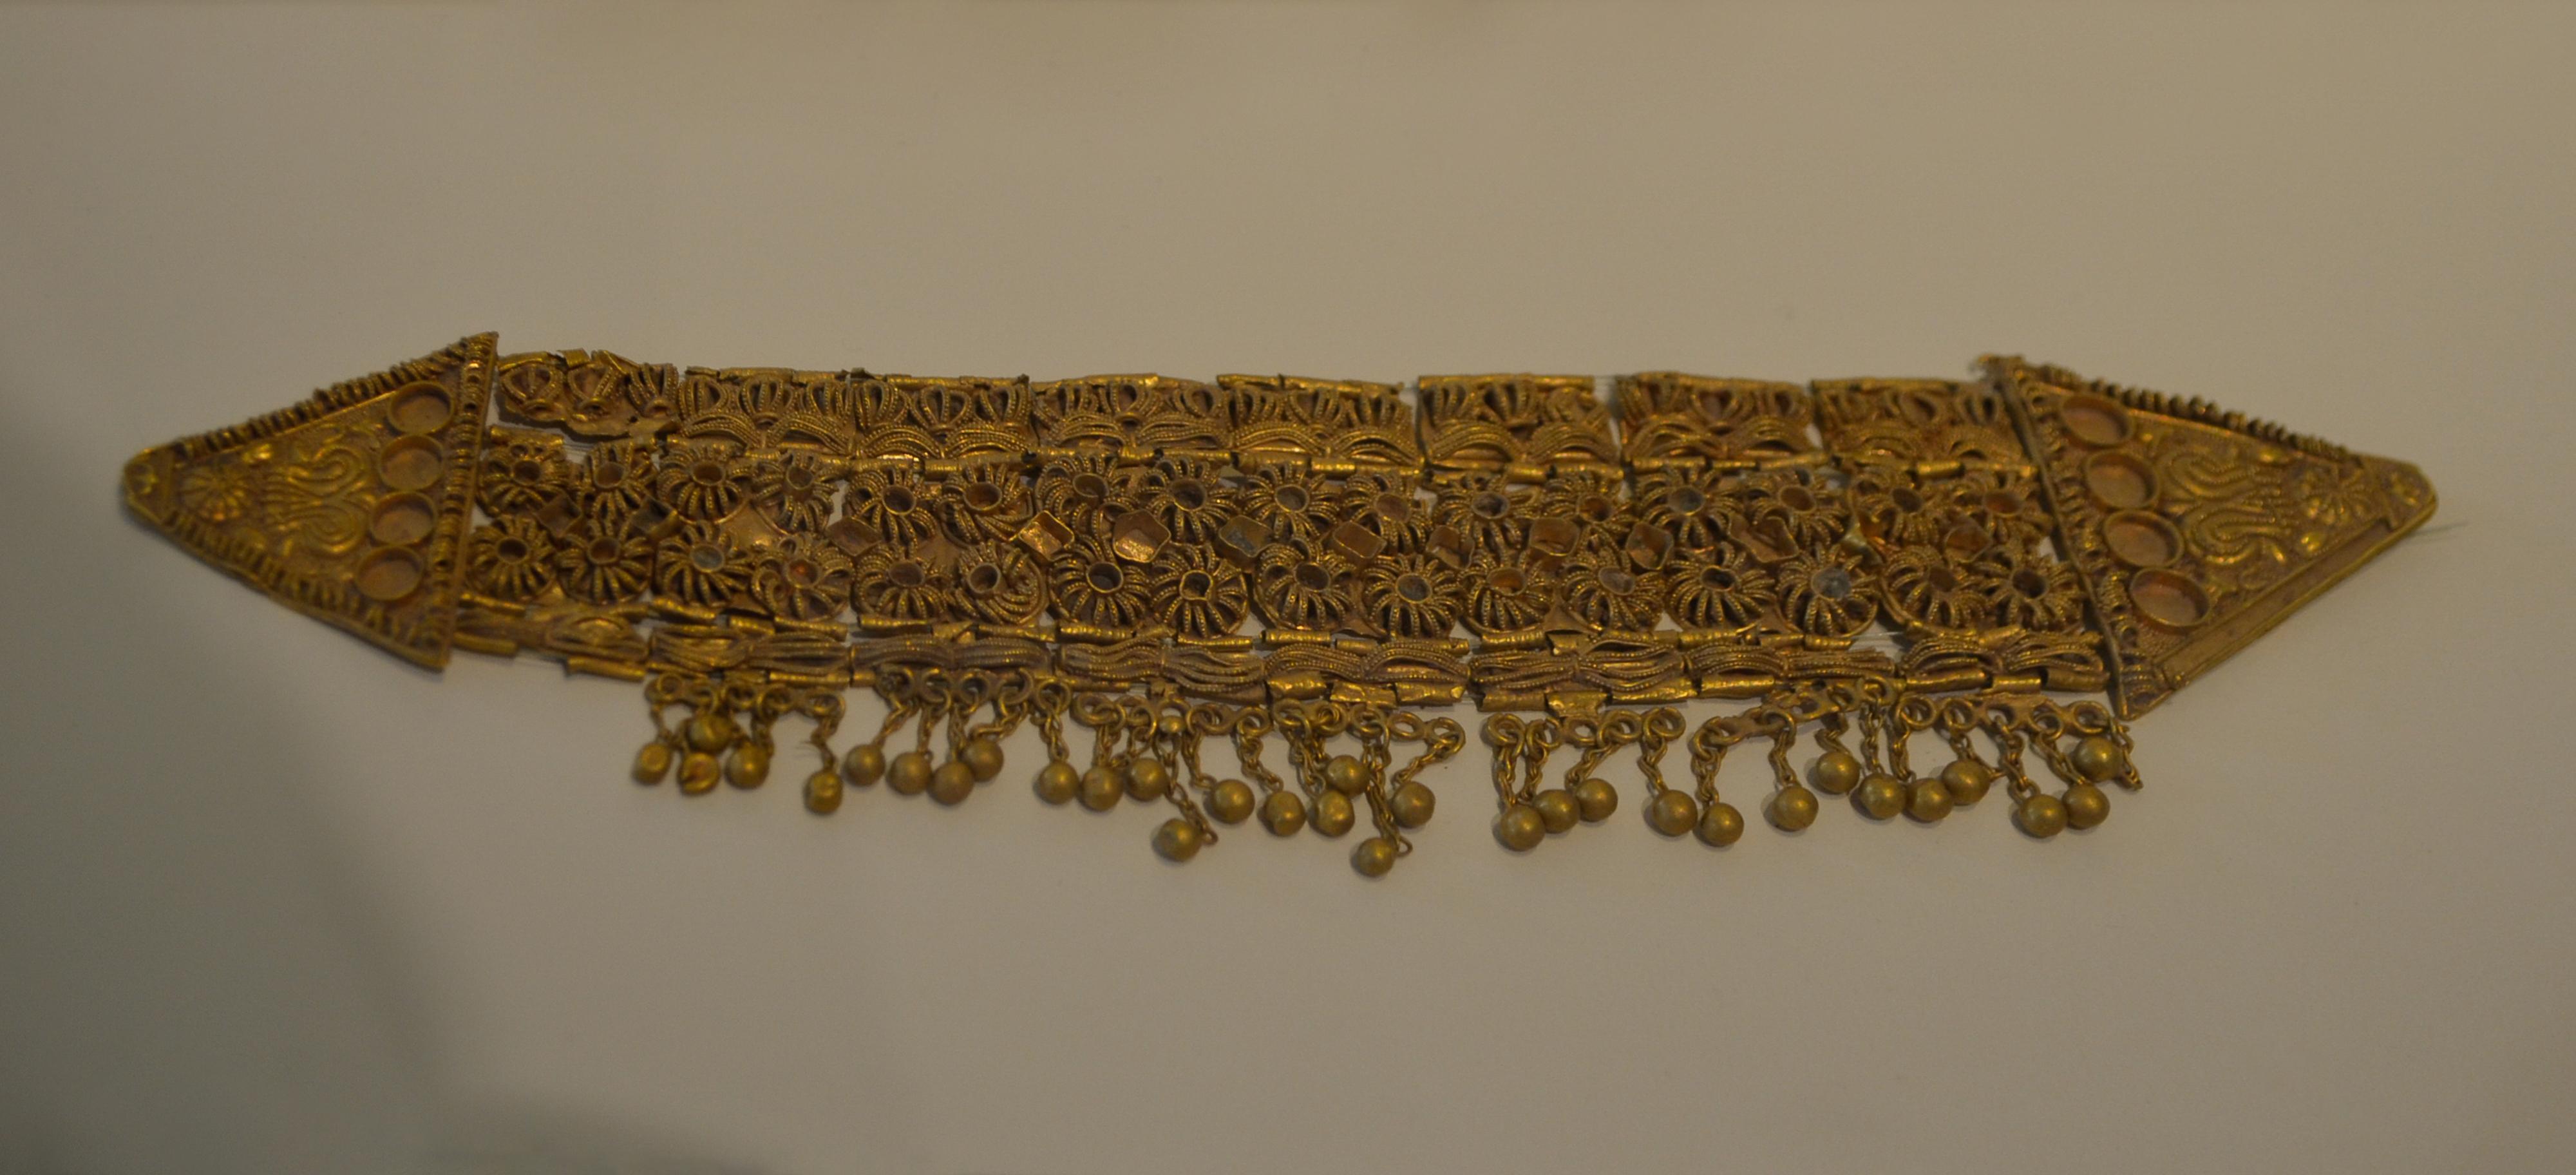 lista nueva artesanía exquisita 100% originales File:Diadema de oro del Tesoro de Aliseda - M.A.N.jpg ...